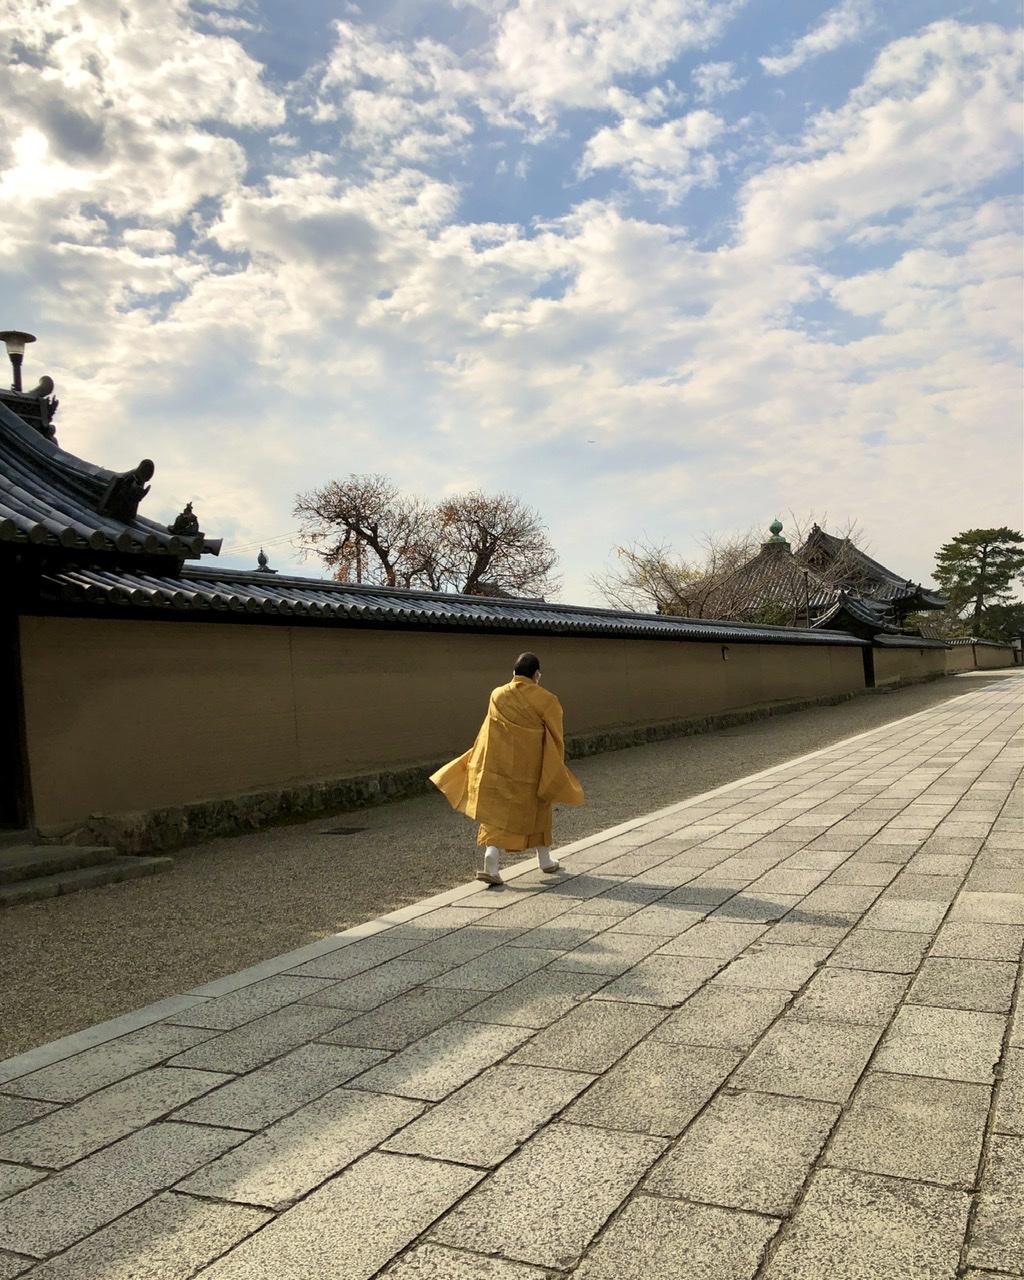 奈良の旅 15 法隆寺 大宝蔵院の宝物_a0092659_15232755.jpeg